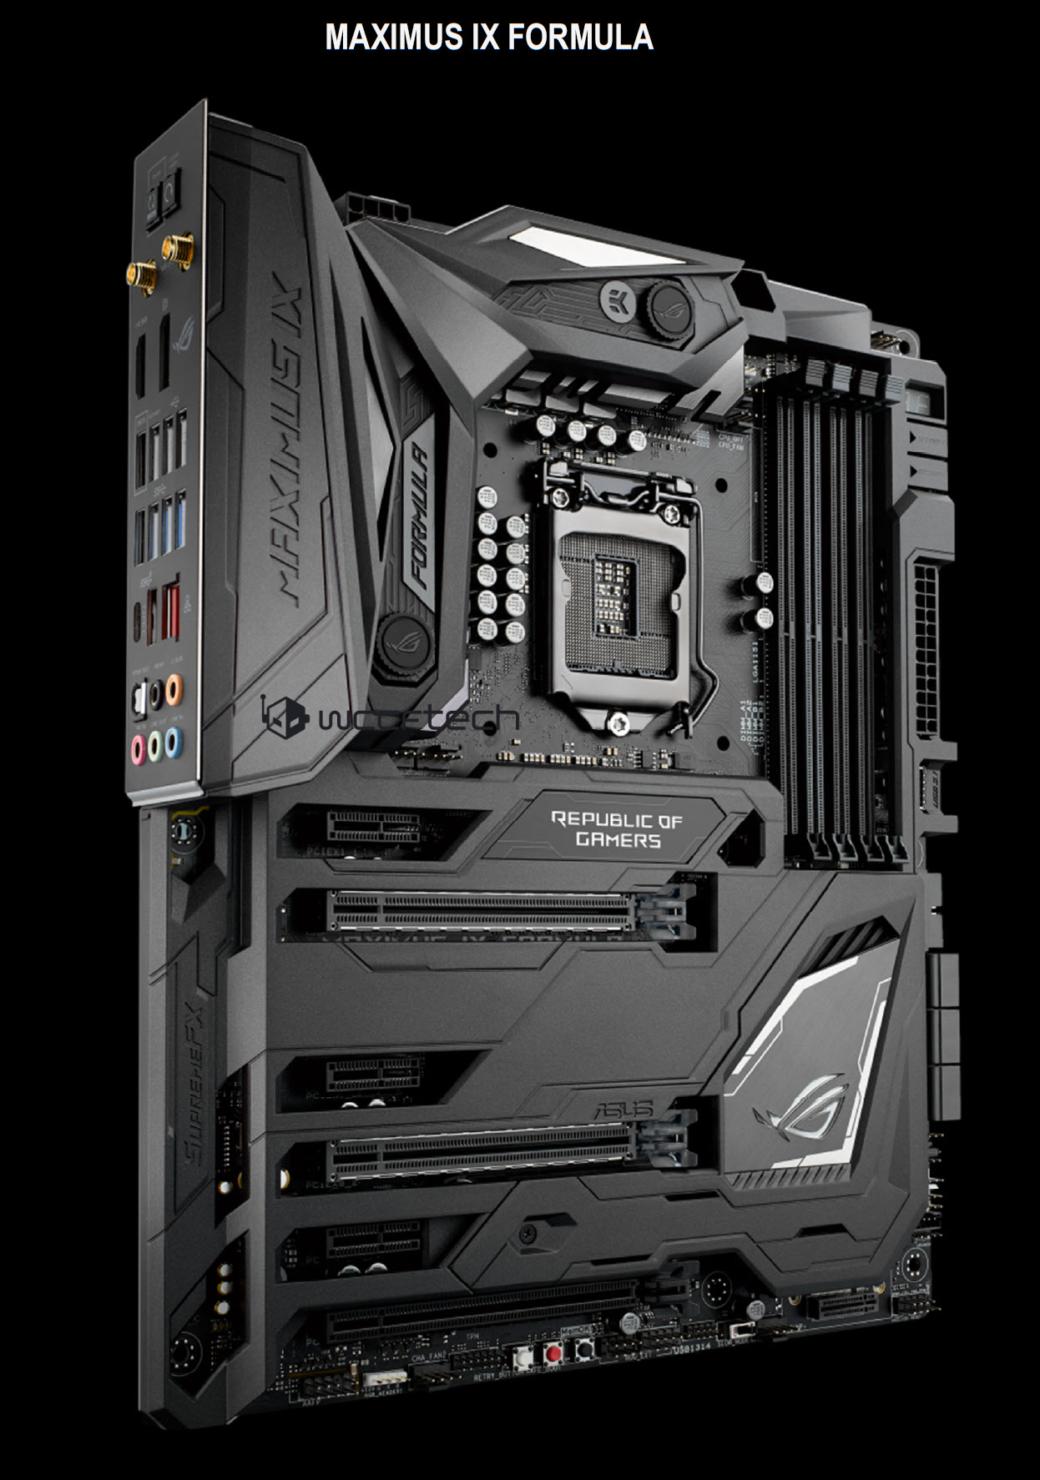 asus-maximus-ix-formula-z270-motherboard